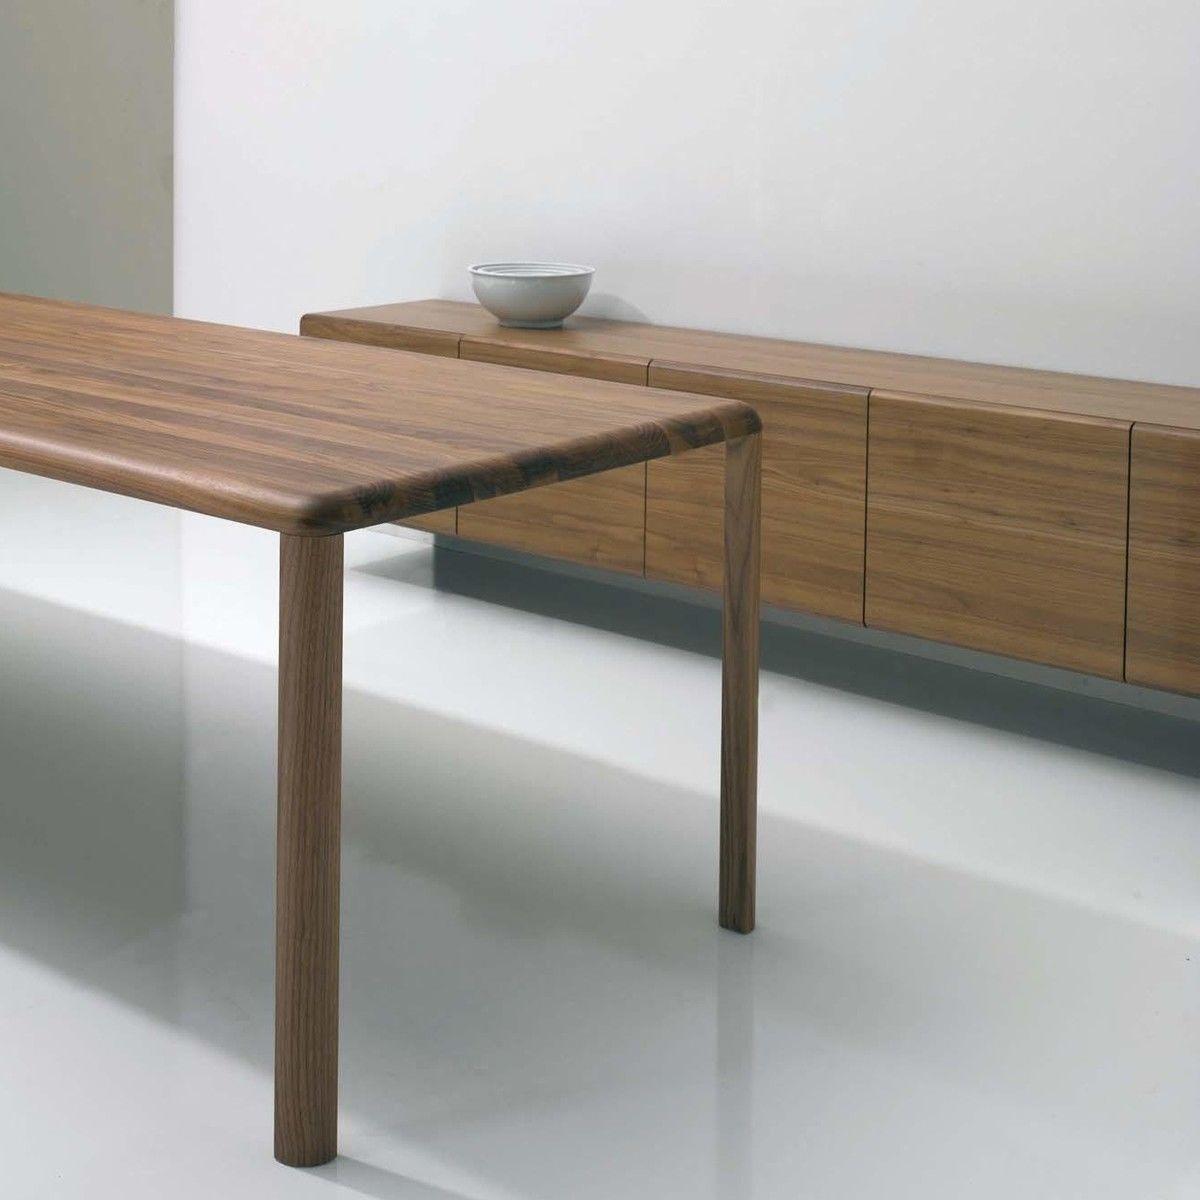 Table bois espagnol for A table en espagnol